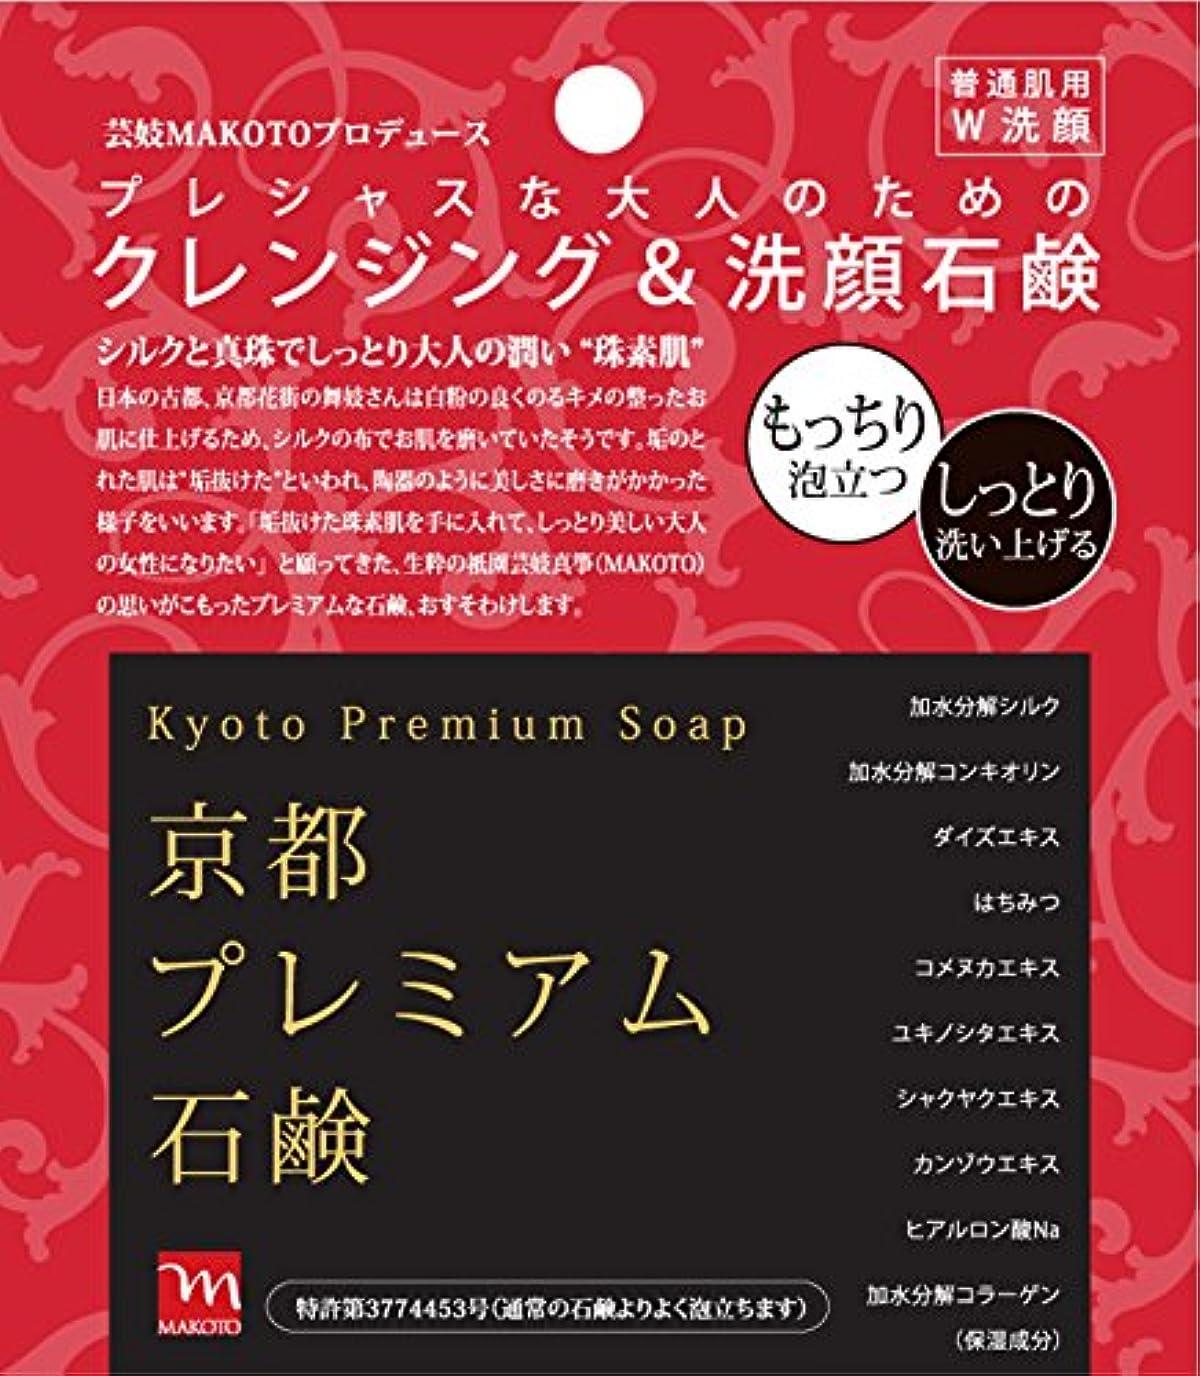 ノミネートマキシム寛容な京都プレミアム石鹸 クレンジング&洗顔石鹸 しっとり もっちり 芸妓さん監修